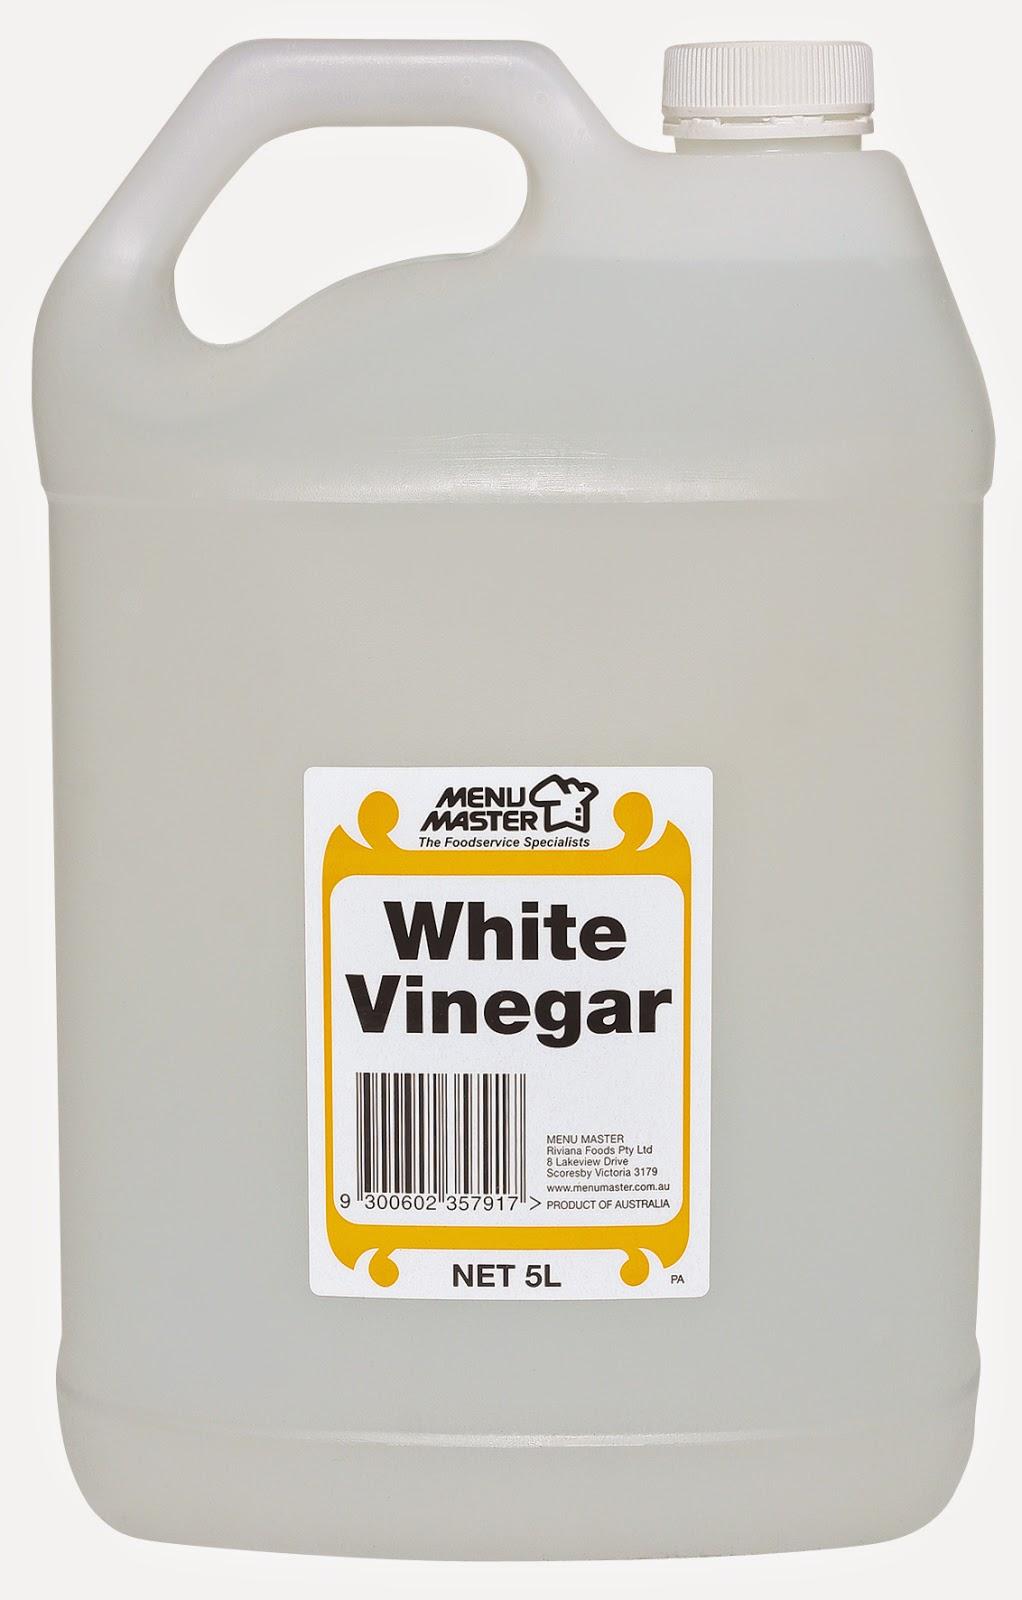 Urine Contamination: Send Vinegar back to the kitchen